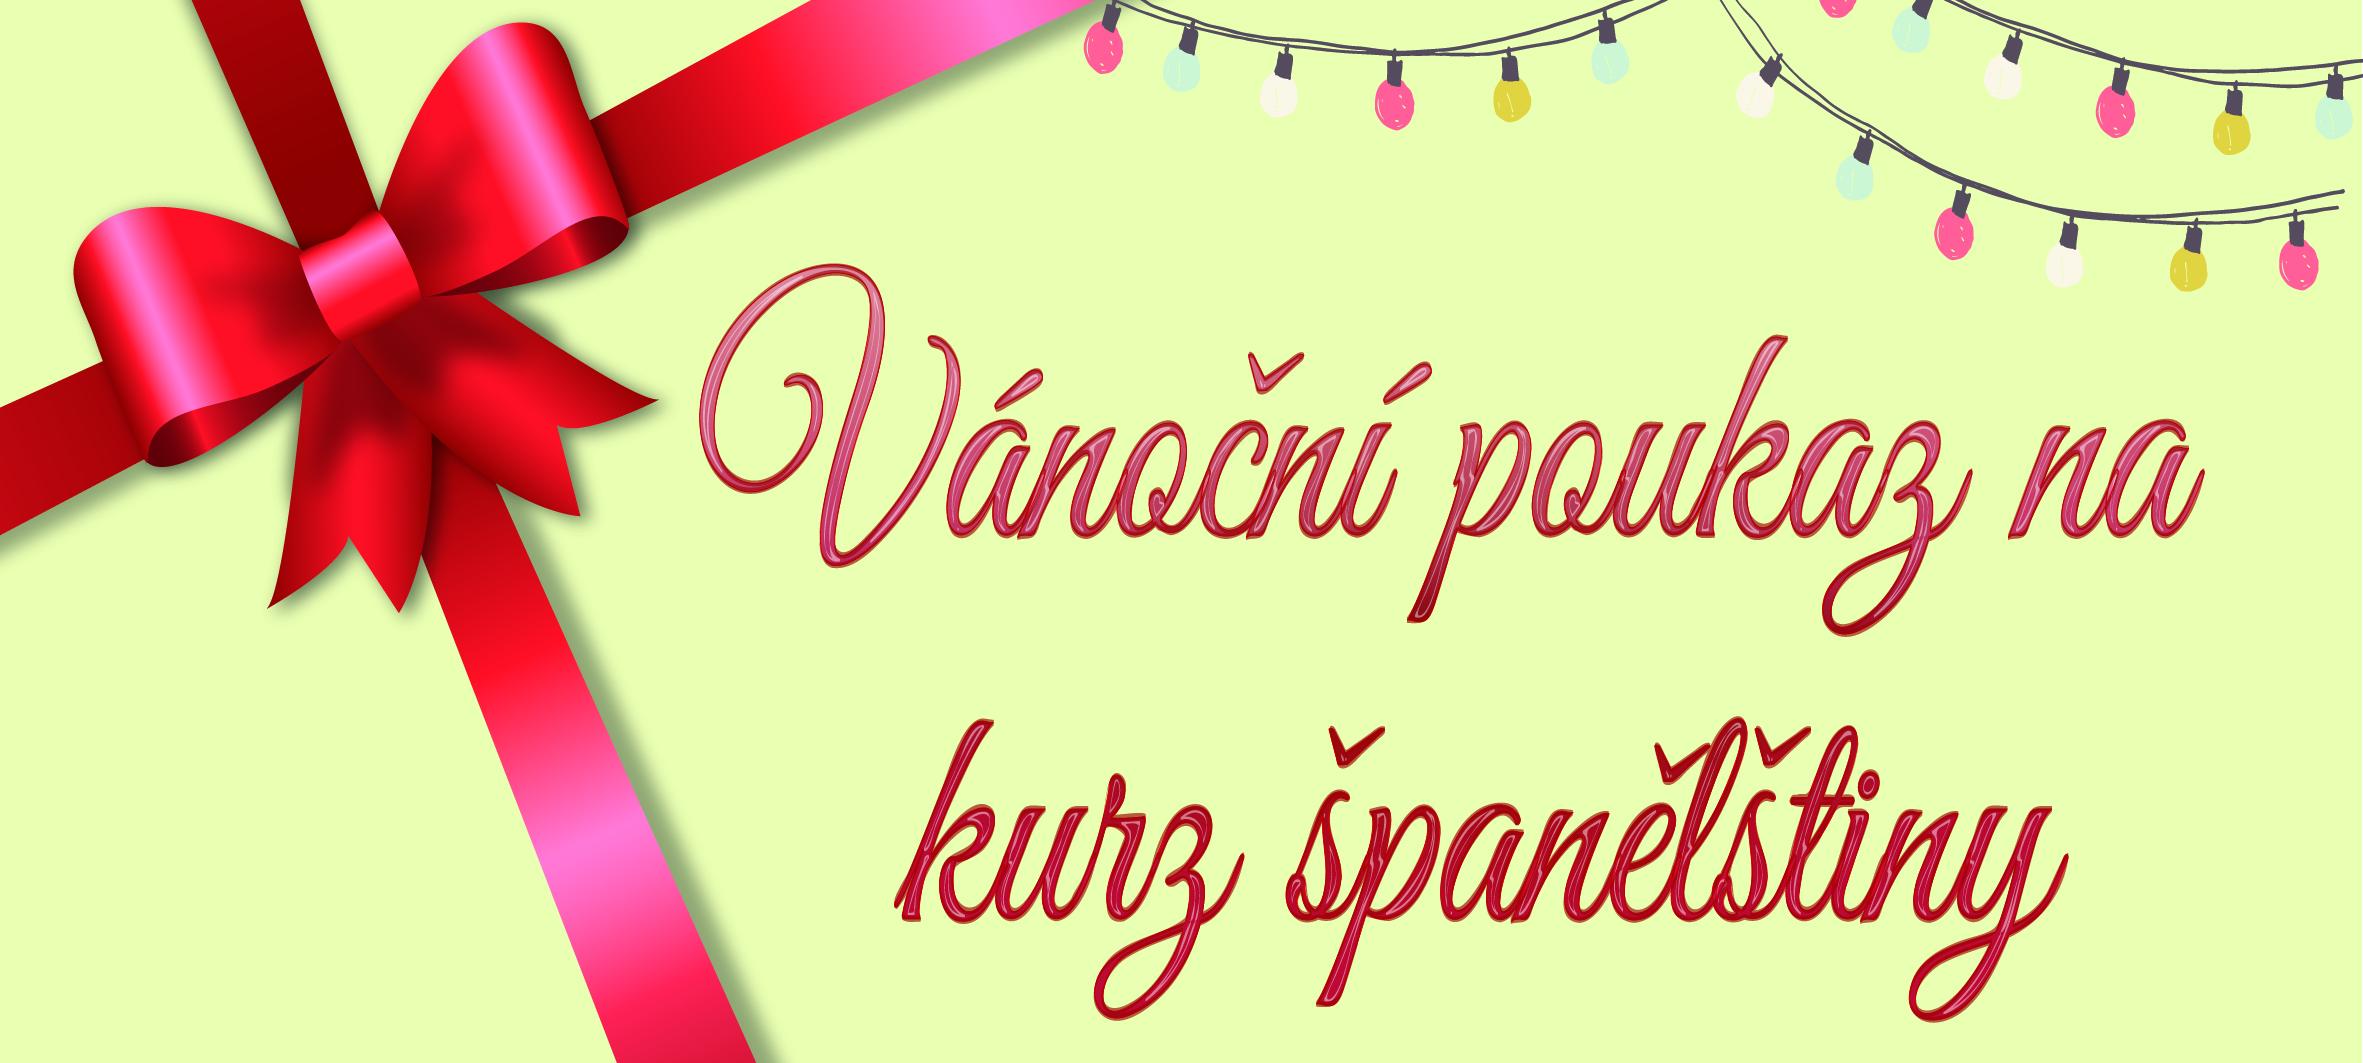 Vánoční poukaz na kurz španělštiny